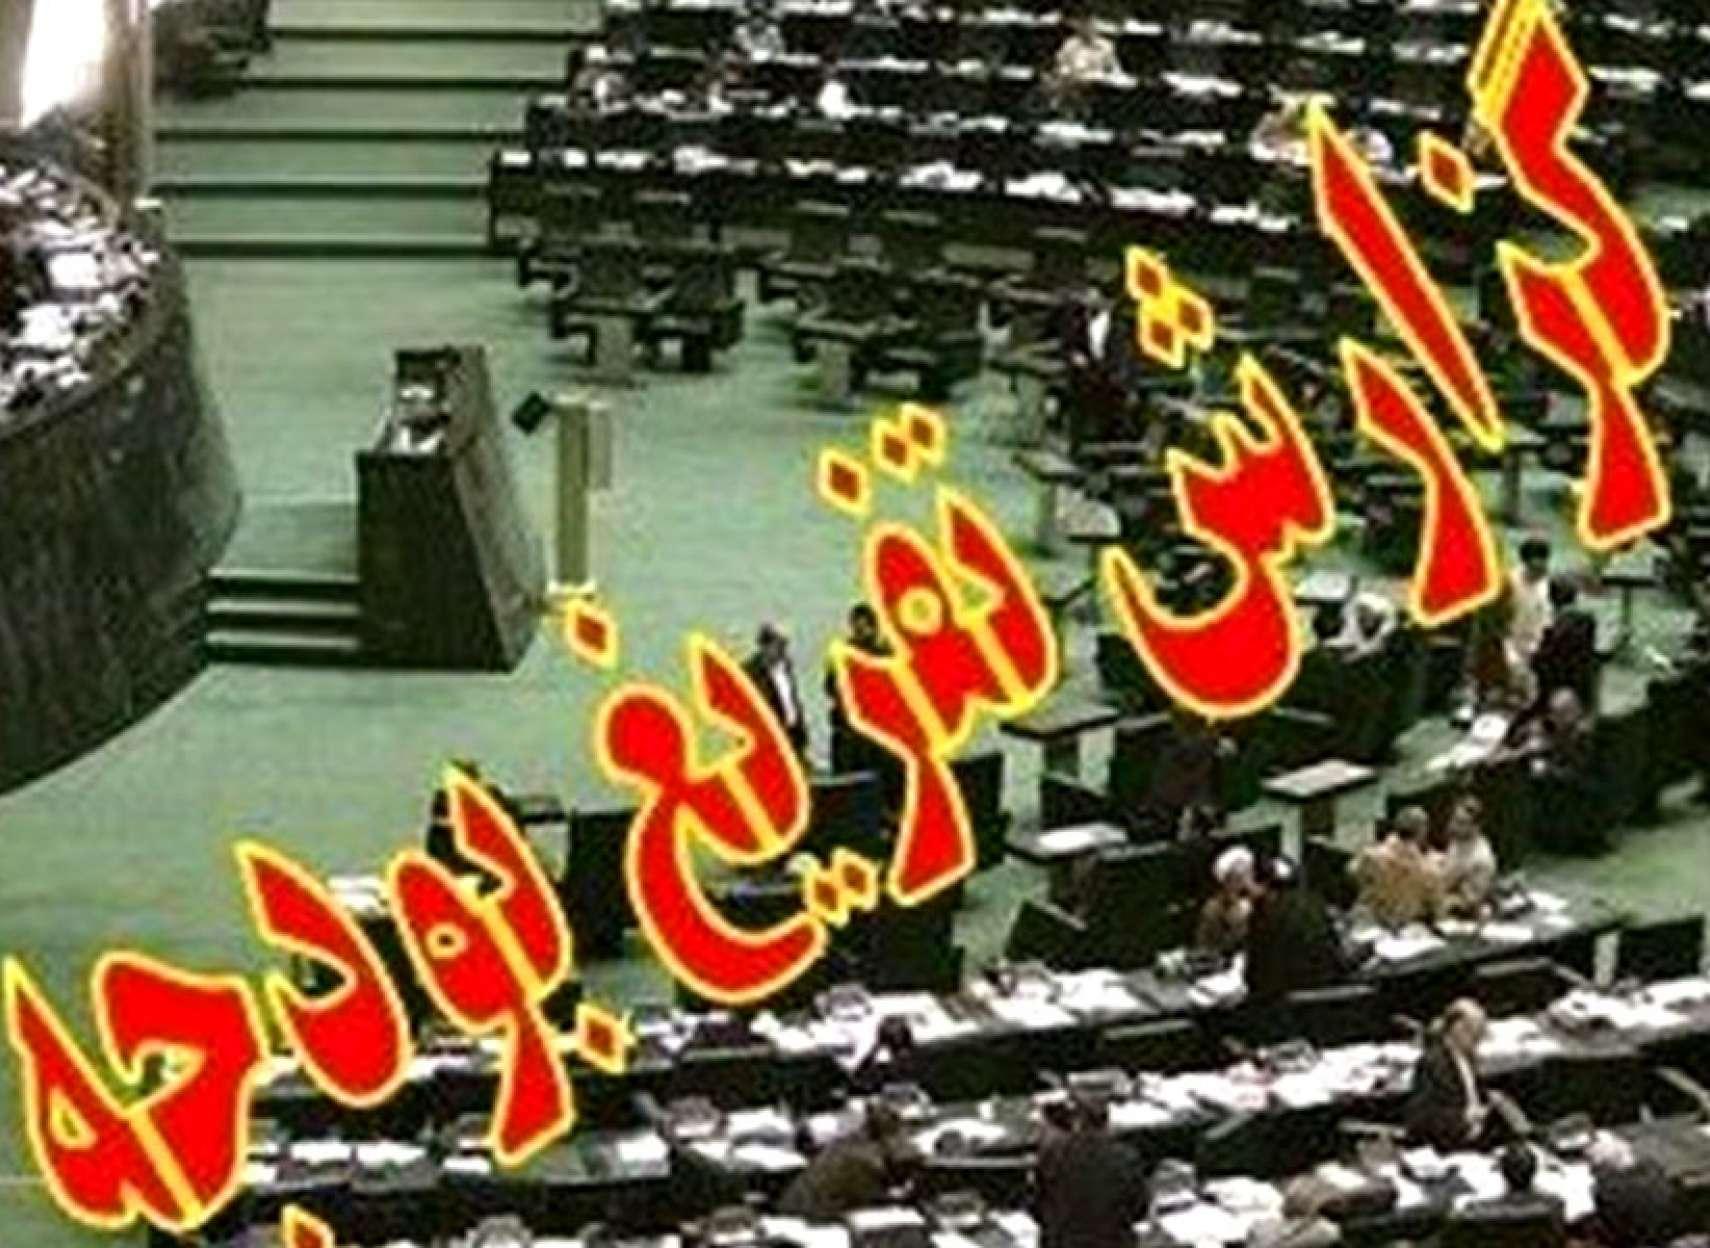 اخبار-ایران-دعوا-دستگاه-های-حکومتی-درباره-یک-انحراف-ارزی-بزرگ